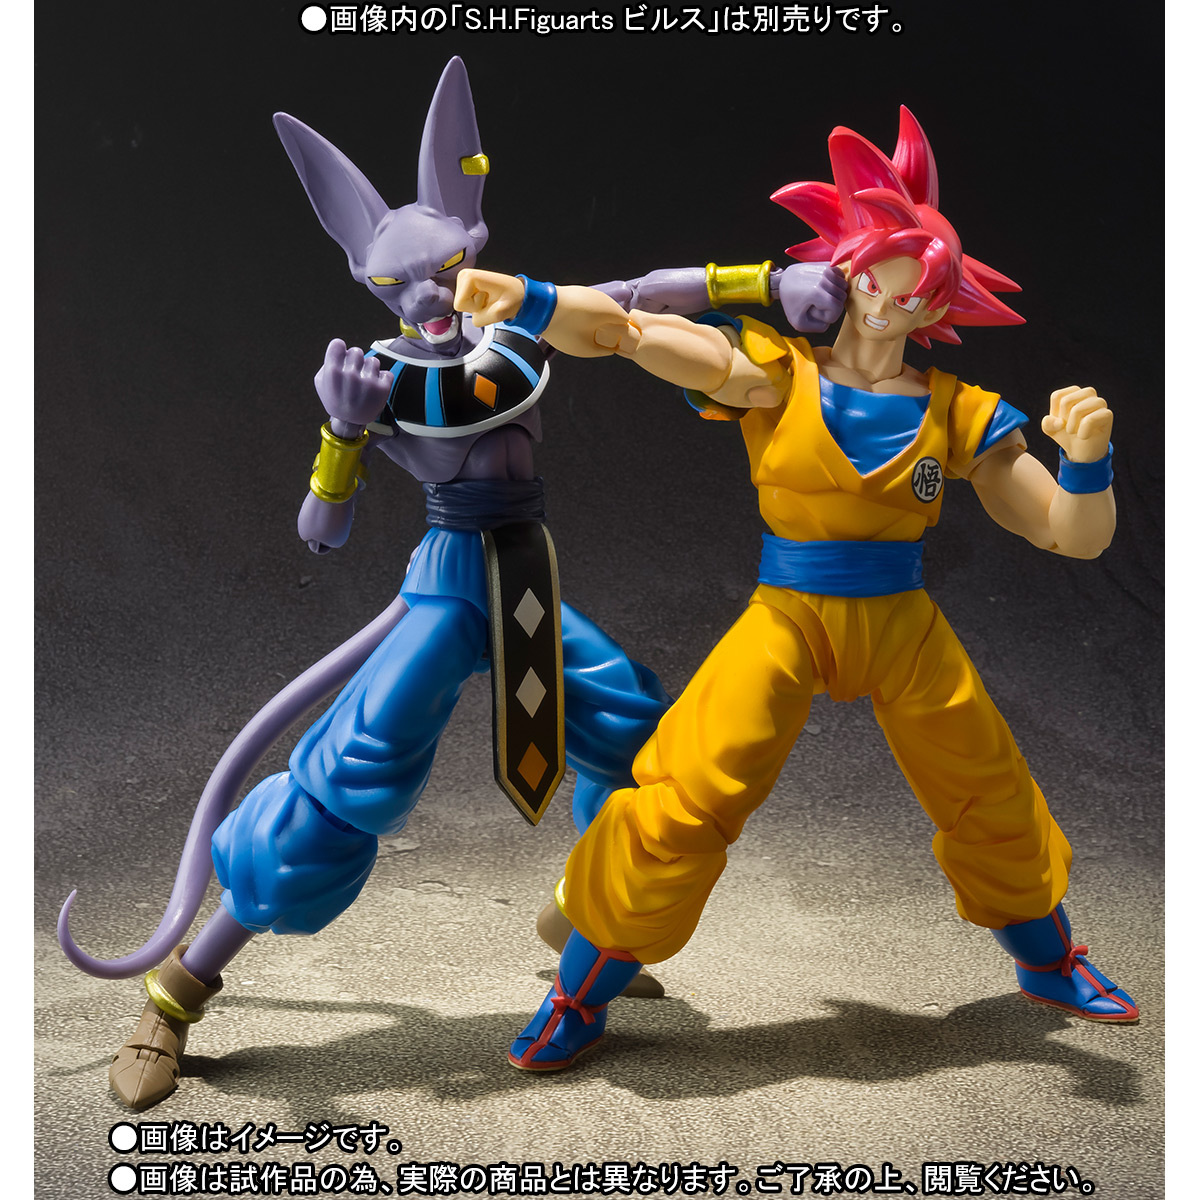 S.H. Figuarts Dragonball Z Super Saiyan God Son Goku Official Details & Images